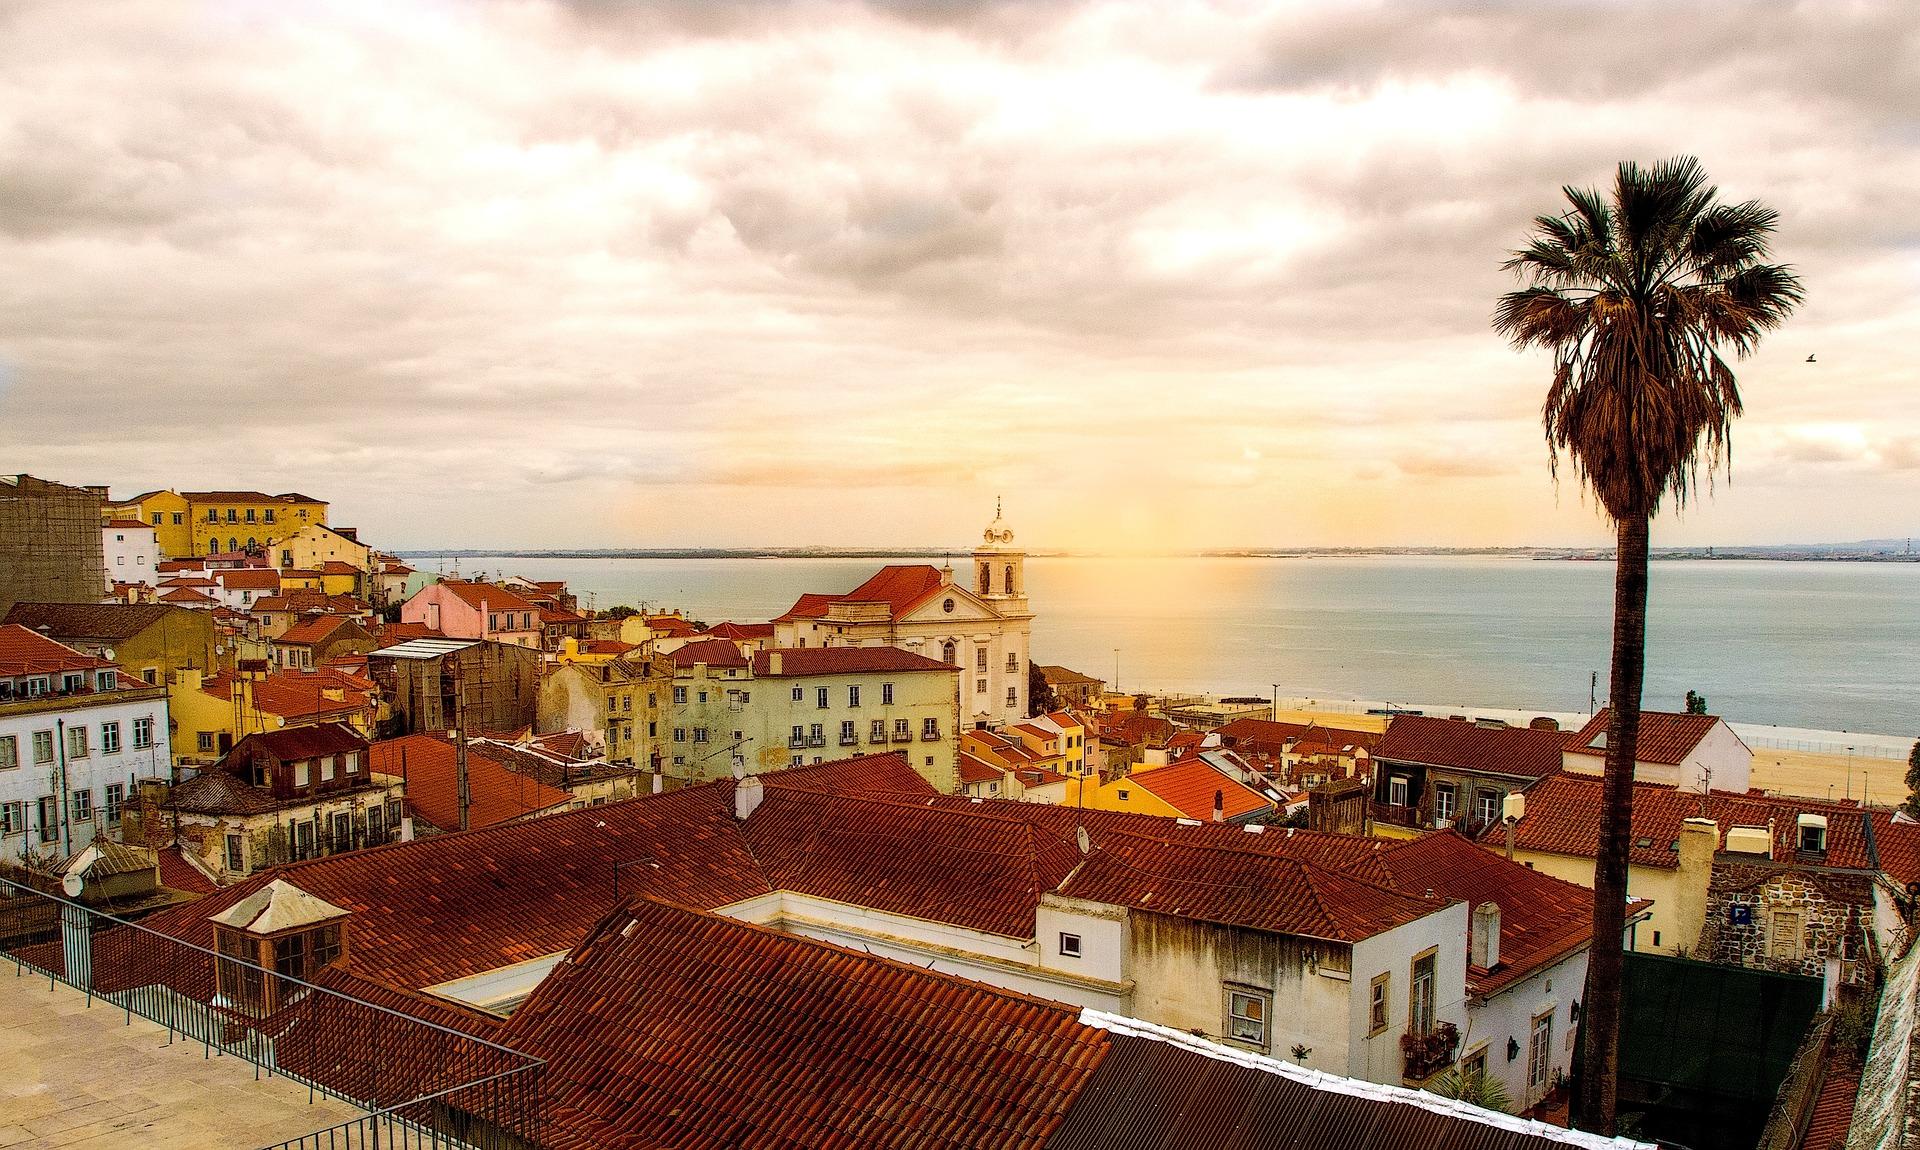 O terramoto faz parte da história de Lisboa e há um tour que o leva à história desse dia